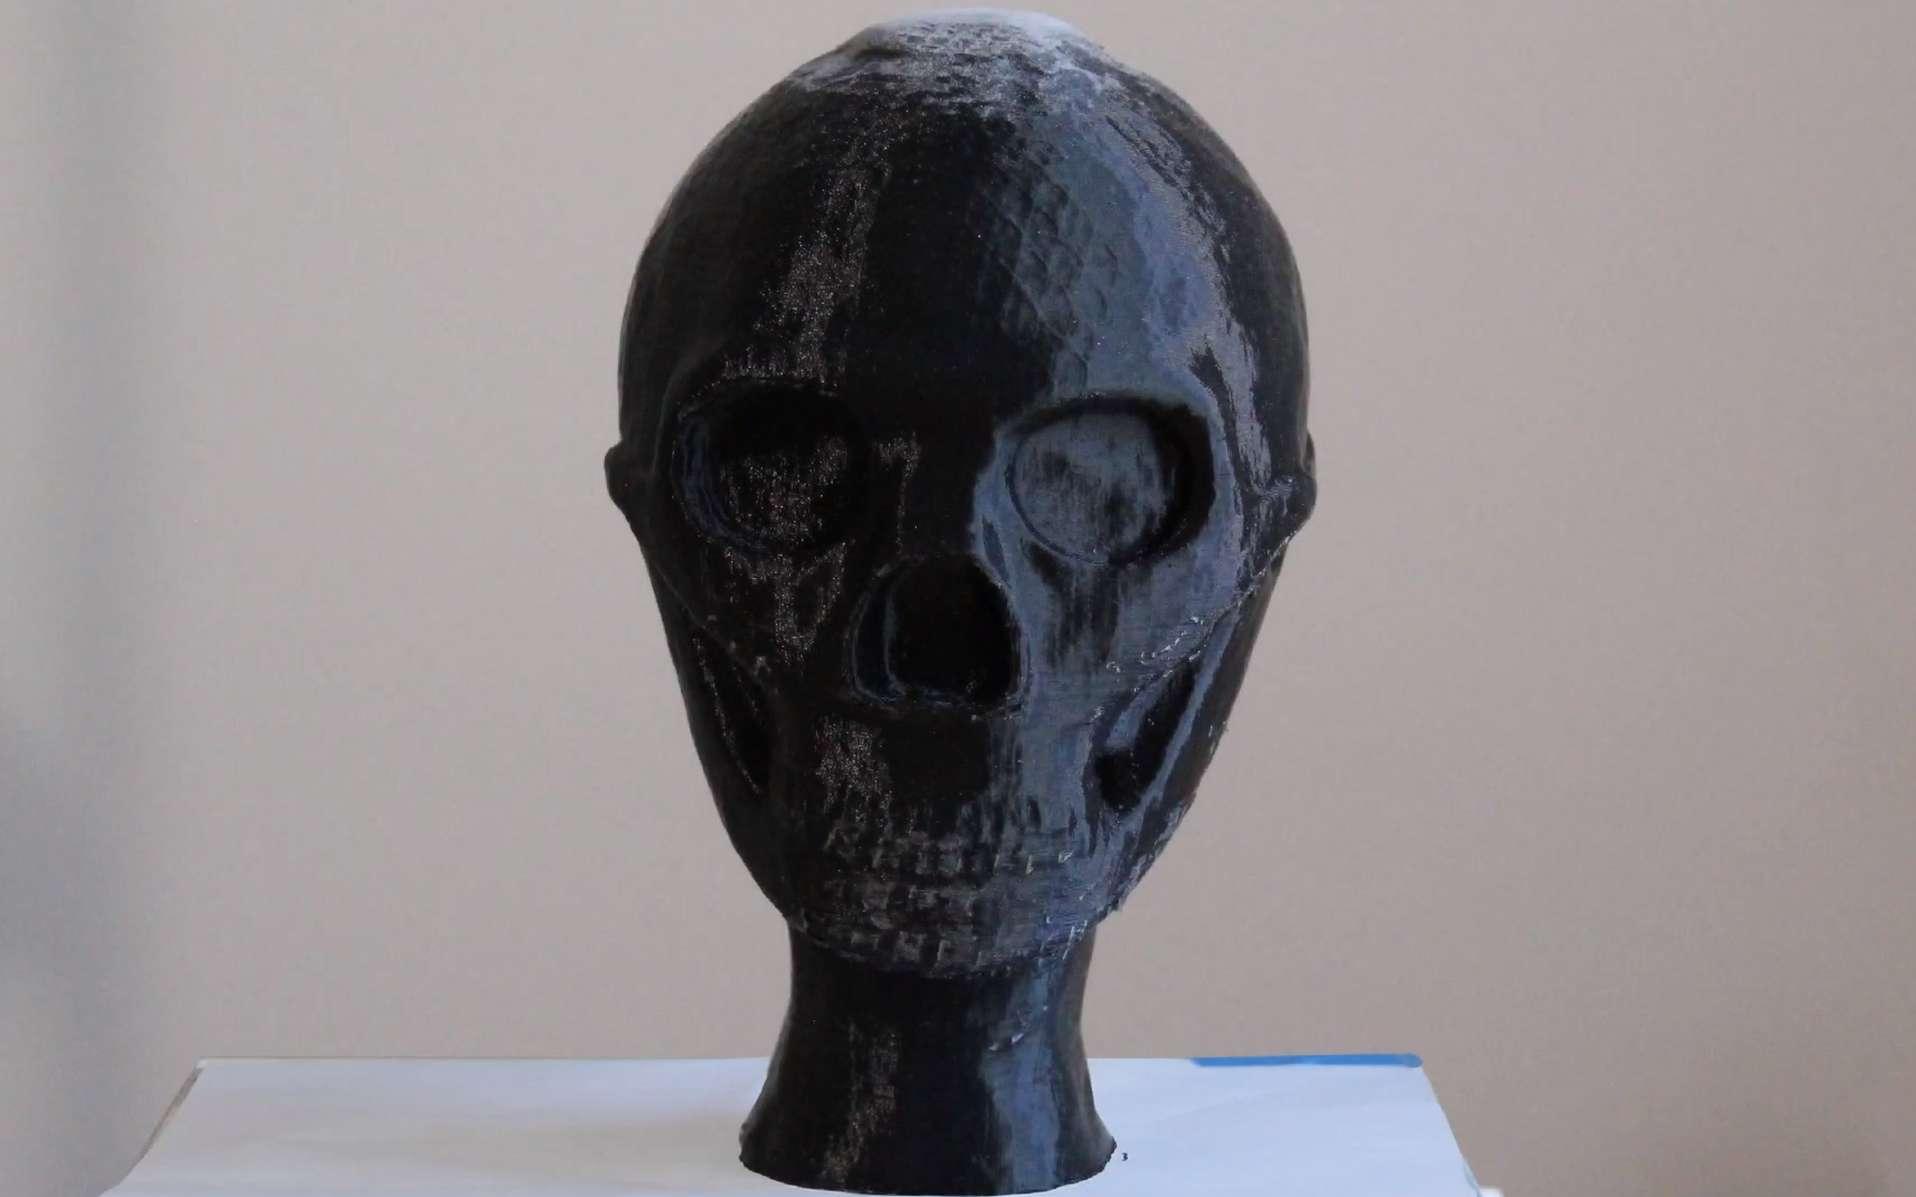 Le mystérieux Homme de Denisova a enfin un visage, grâce à la première reconstitution 3D du visage d'une jeune Dénisovienne. © Capture d'écran/Cell Press